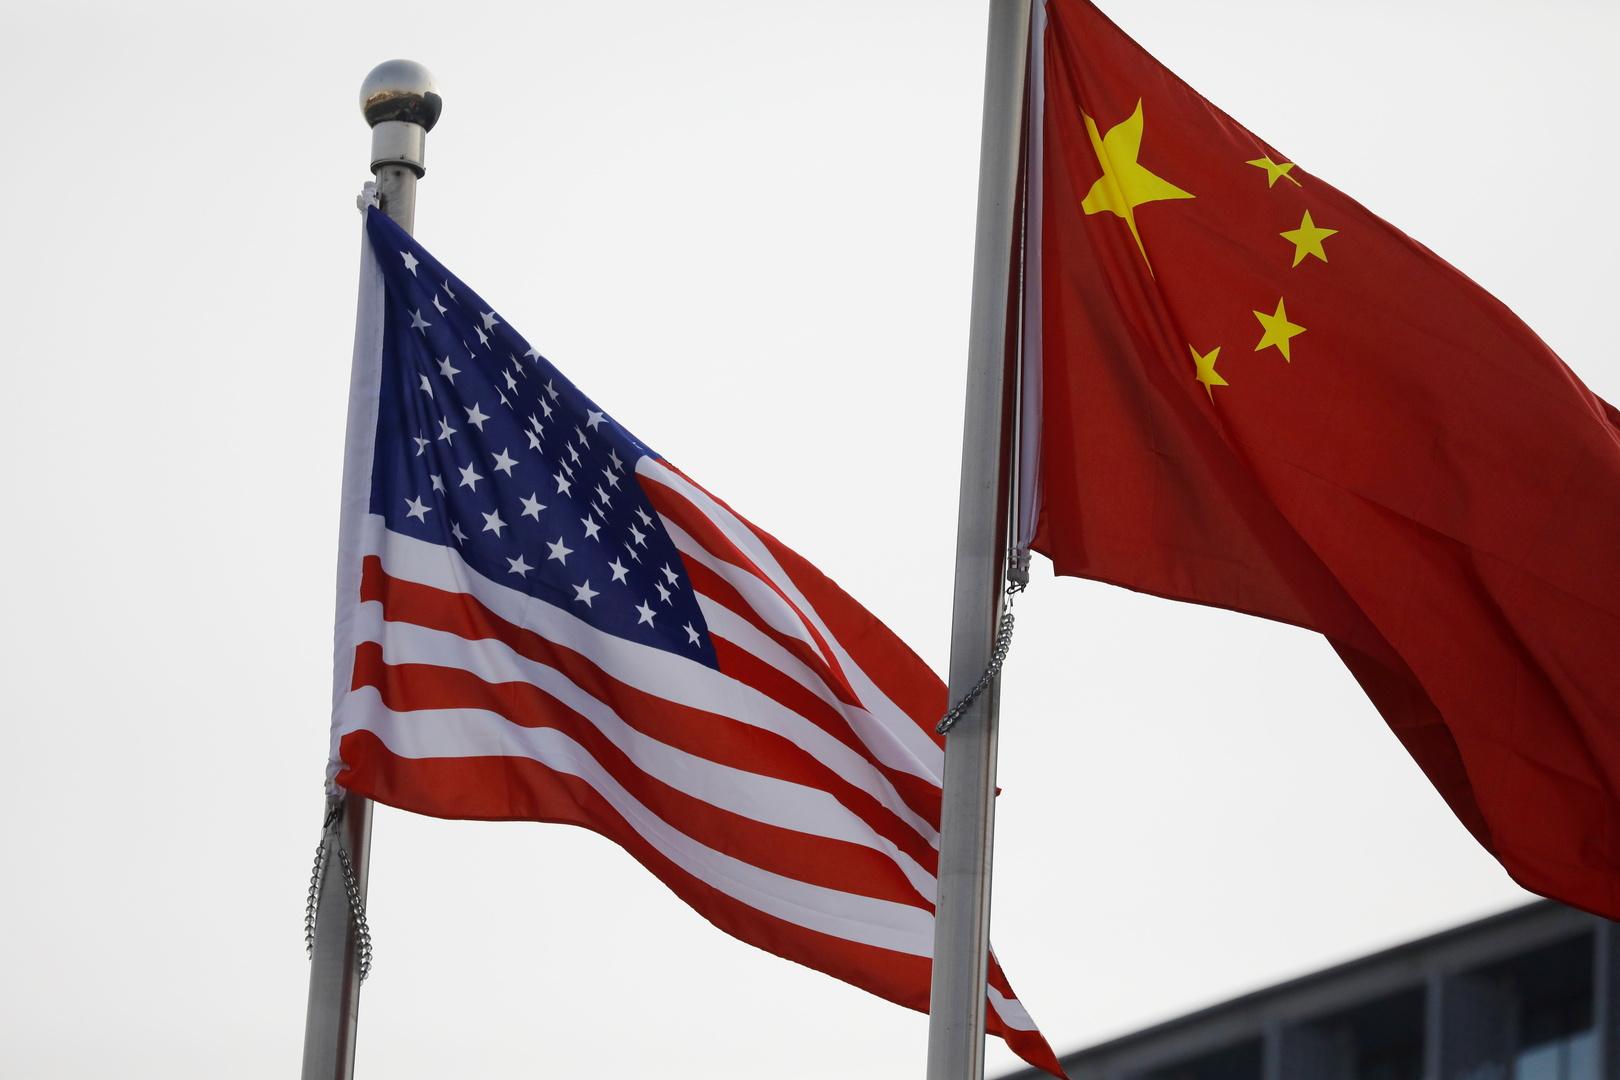 أمريكا مستعدة لمنازلة الصين على الغذاء الصناعي